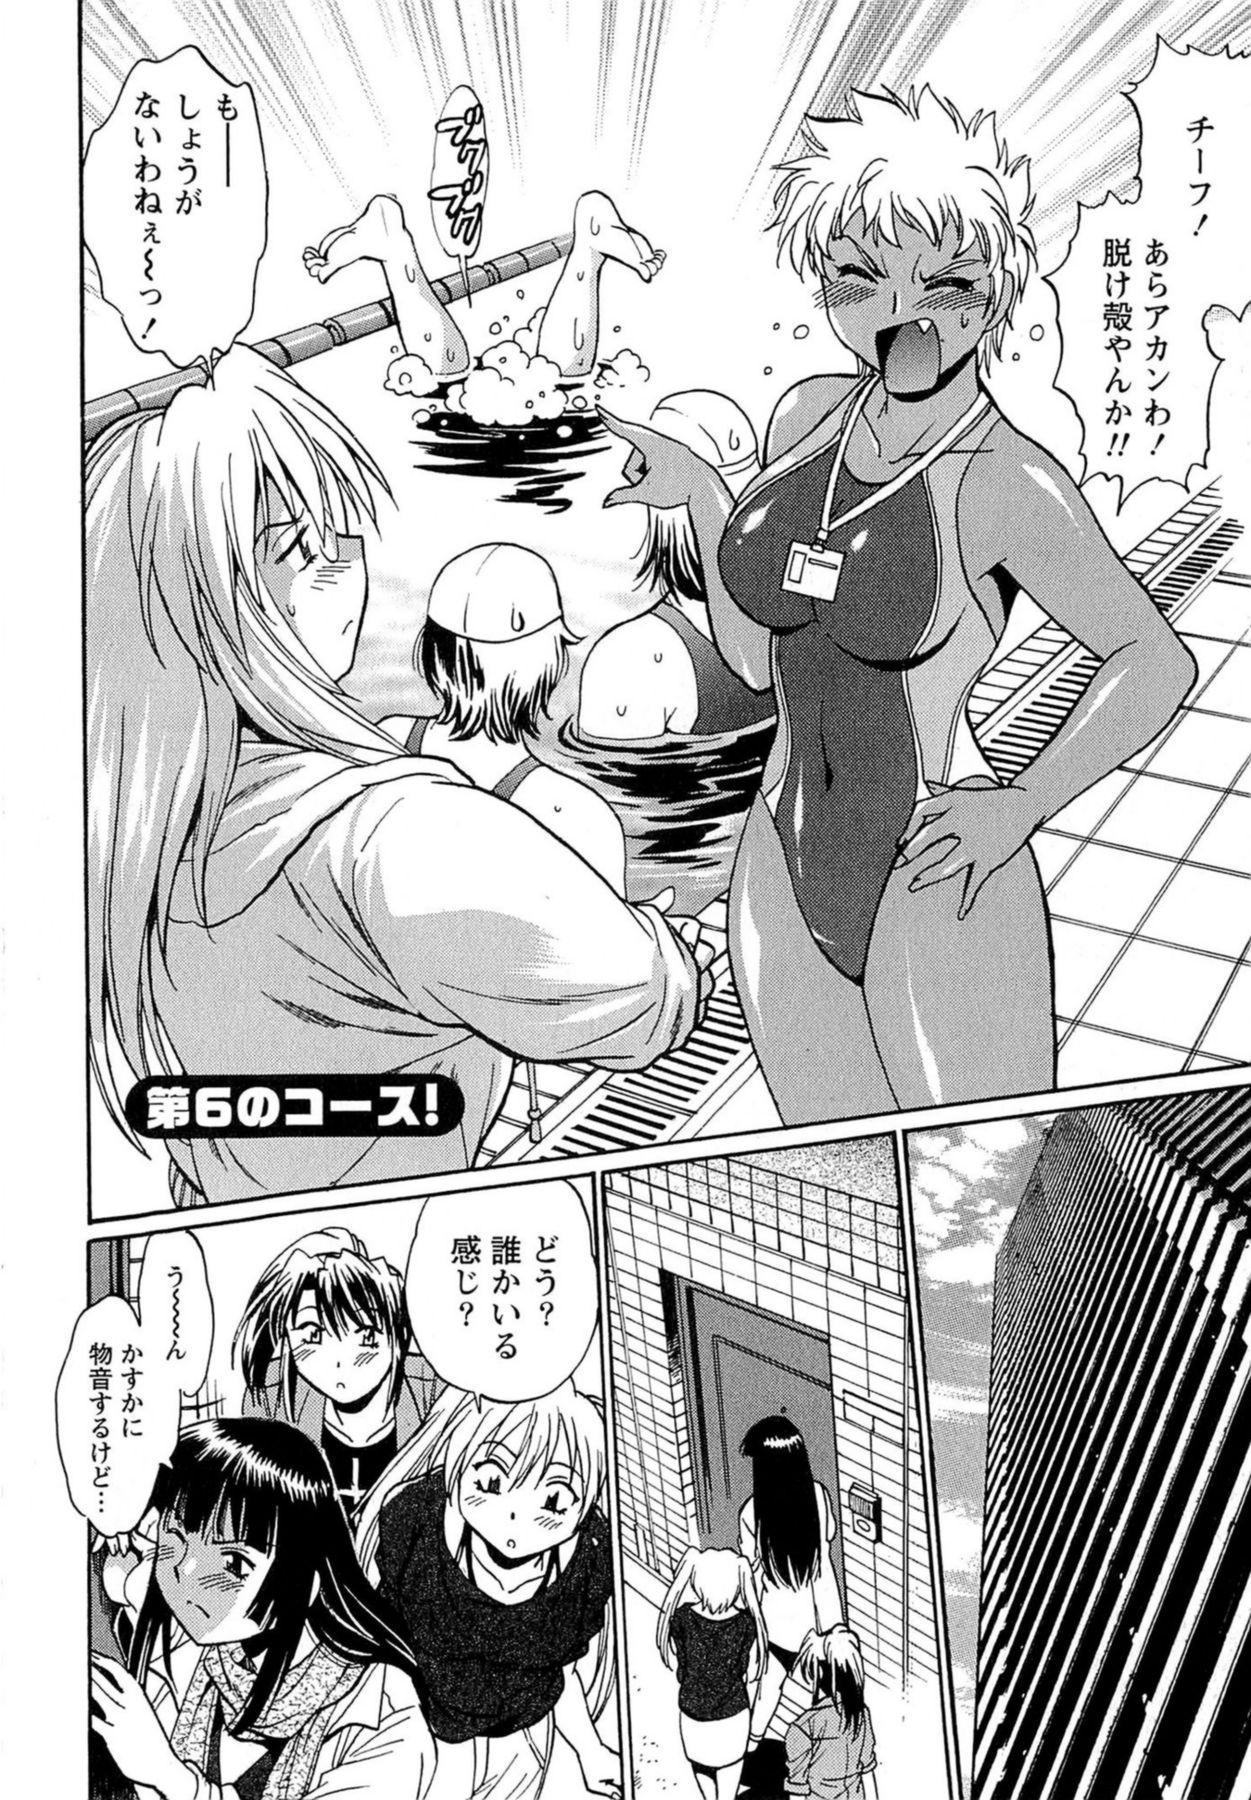 Kuikomi wo Naoshiteru Hima wa Nai! Vol. 1 134